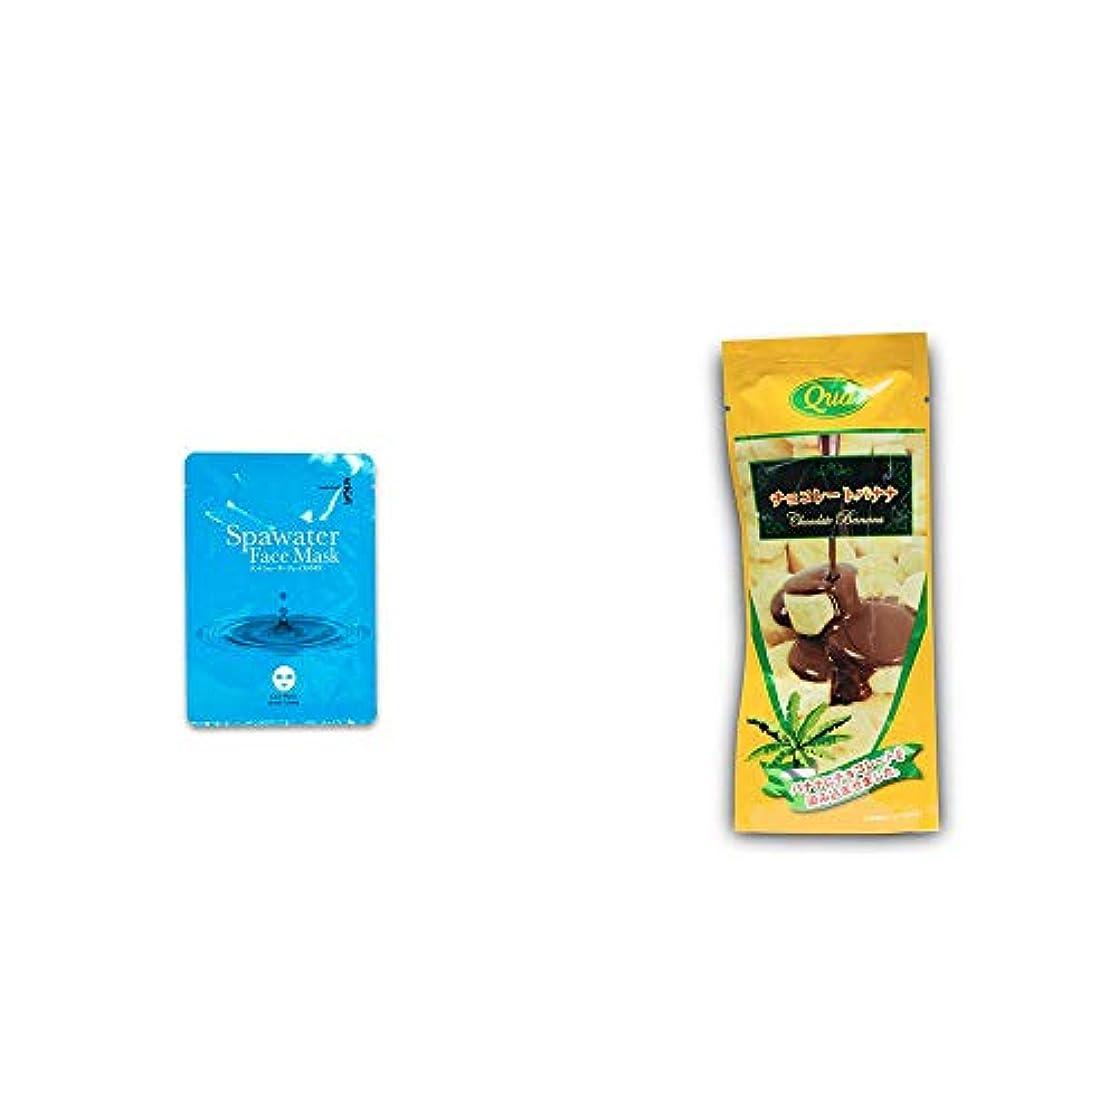 協会夕食を作るデイジー[2点セット] ひのき炭黒泉 スパウォーターフェイスマスク(18ml×3枚入)?フリーズドライ チョコレートバナナ(50g)